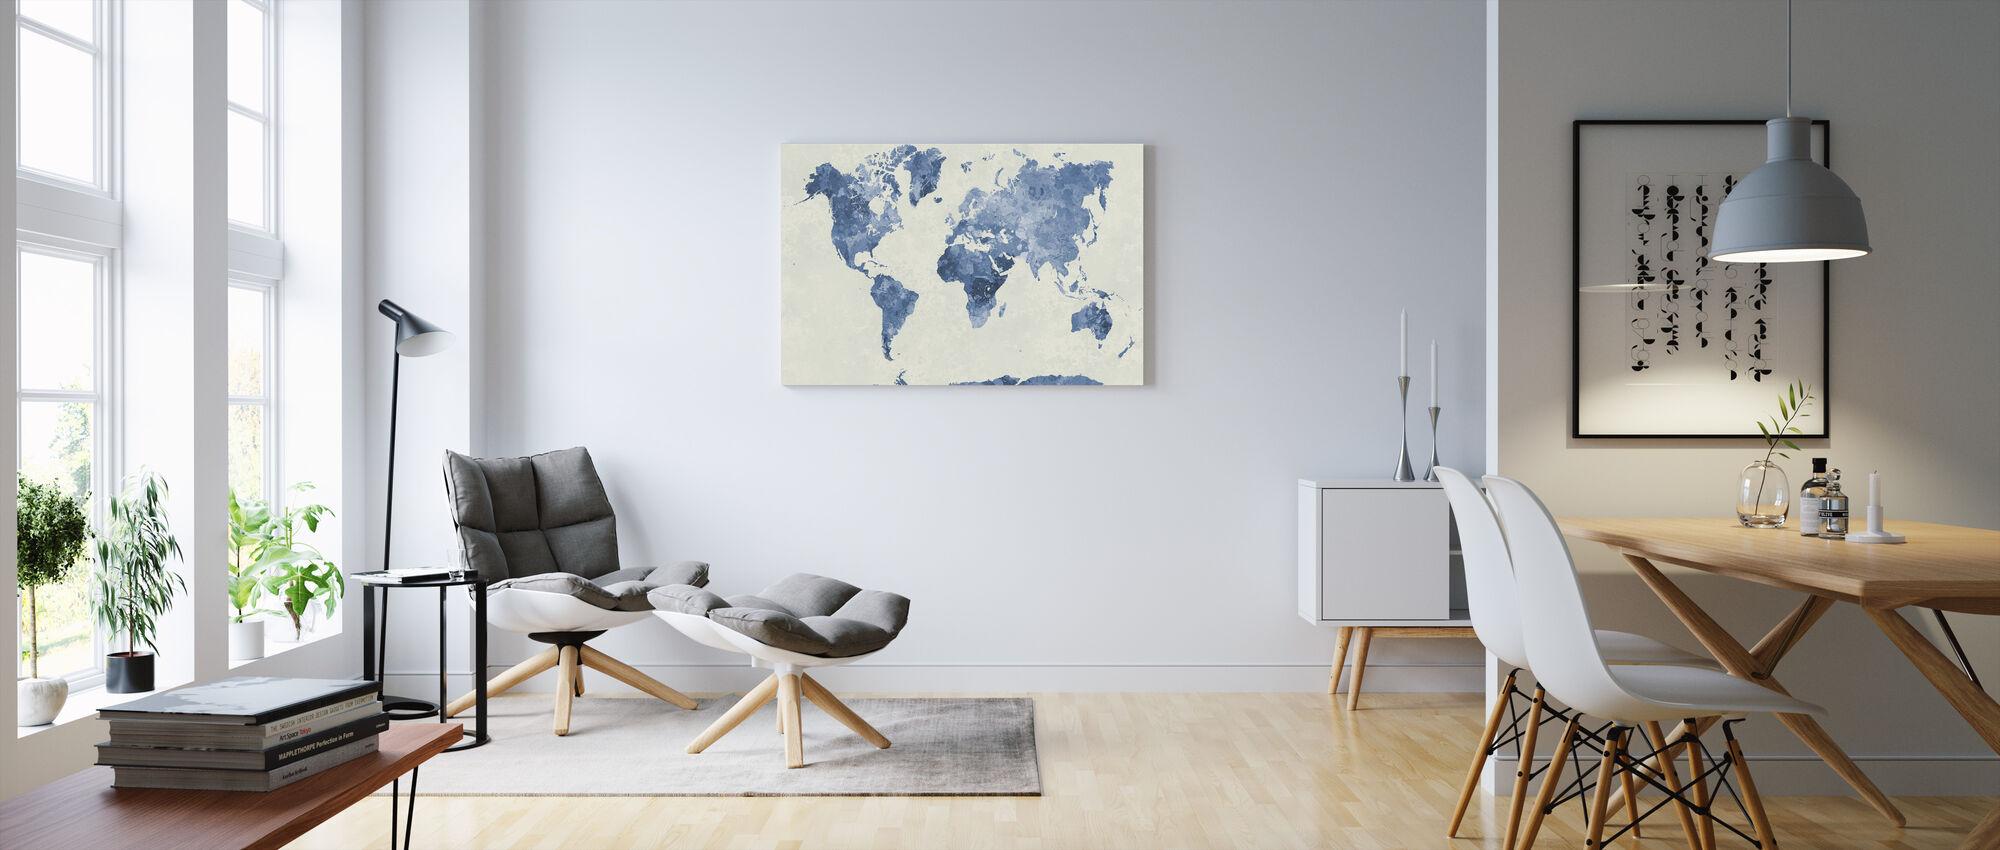 Monde bleu à l'aquarelle - Impression sur toile - Salle à manger